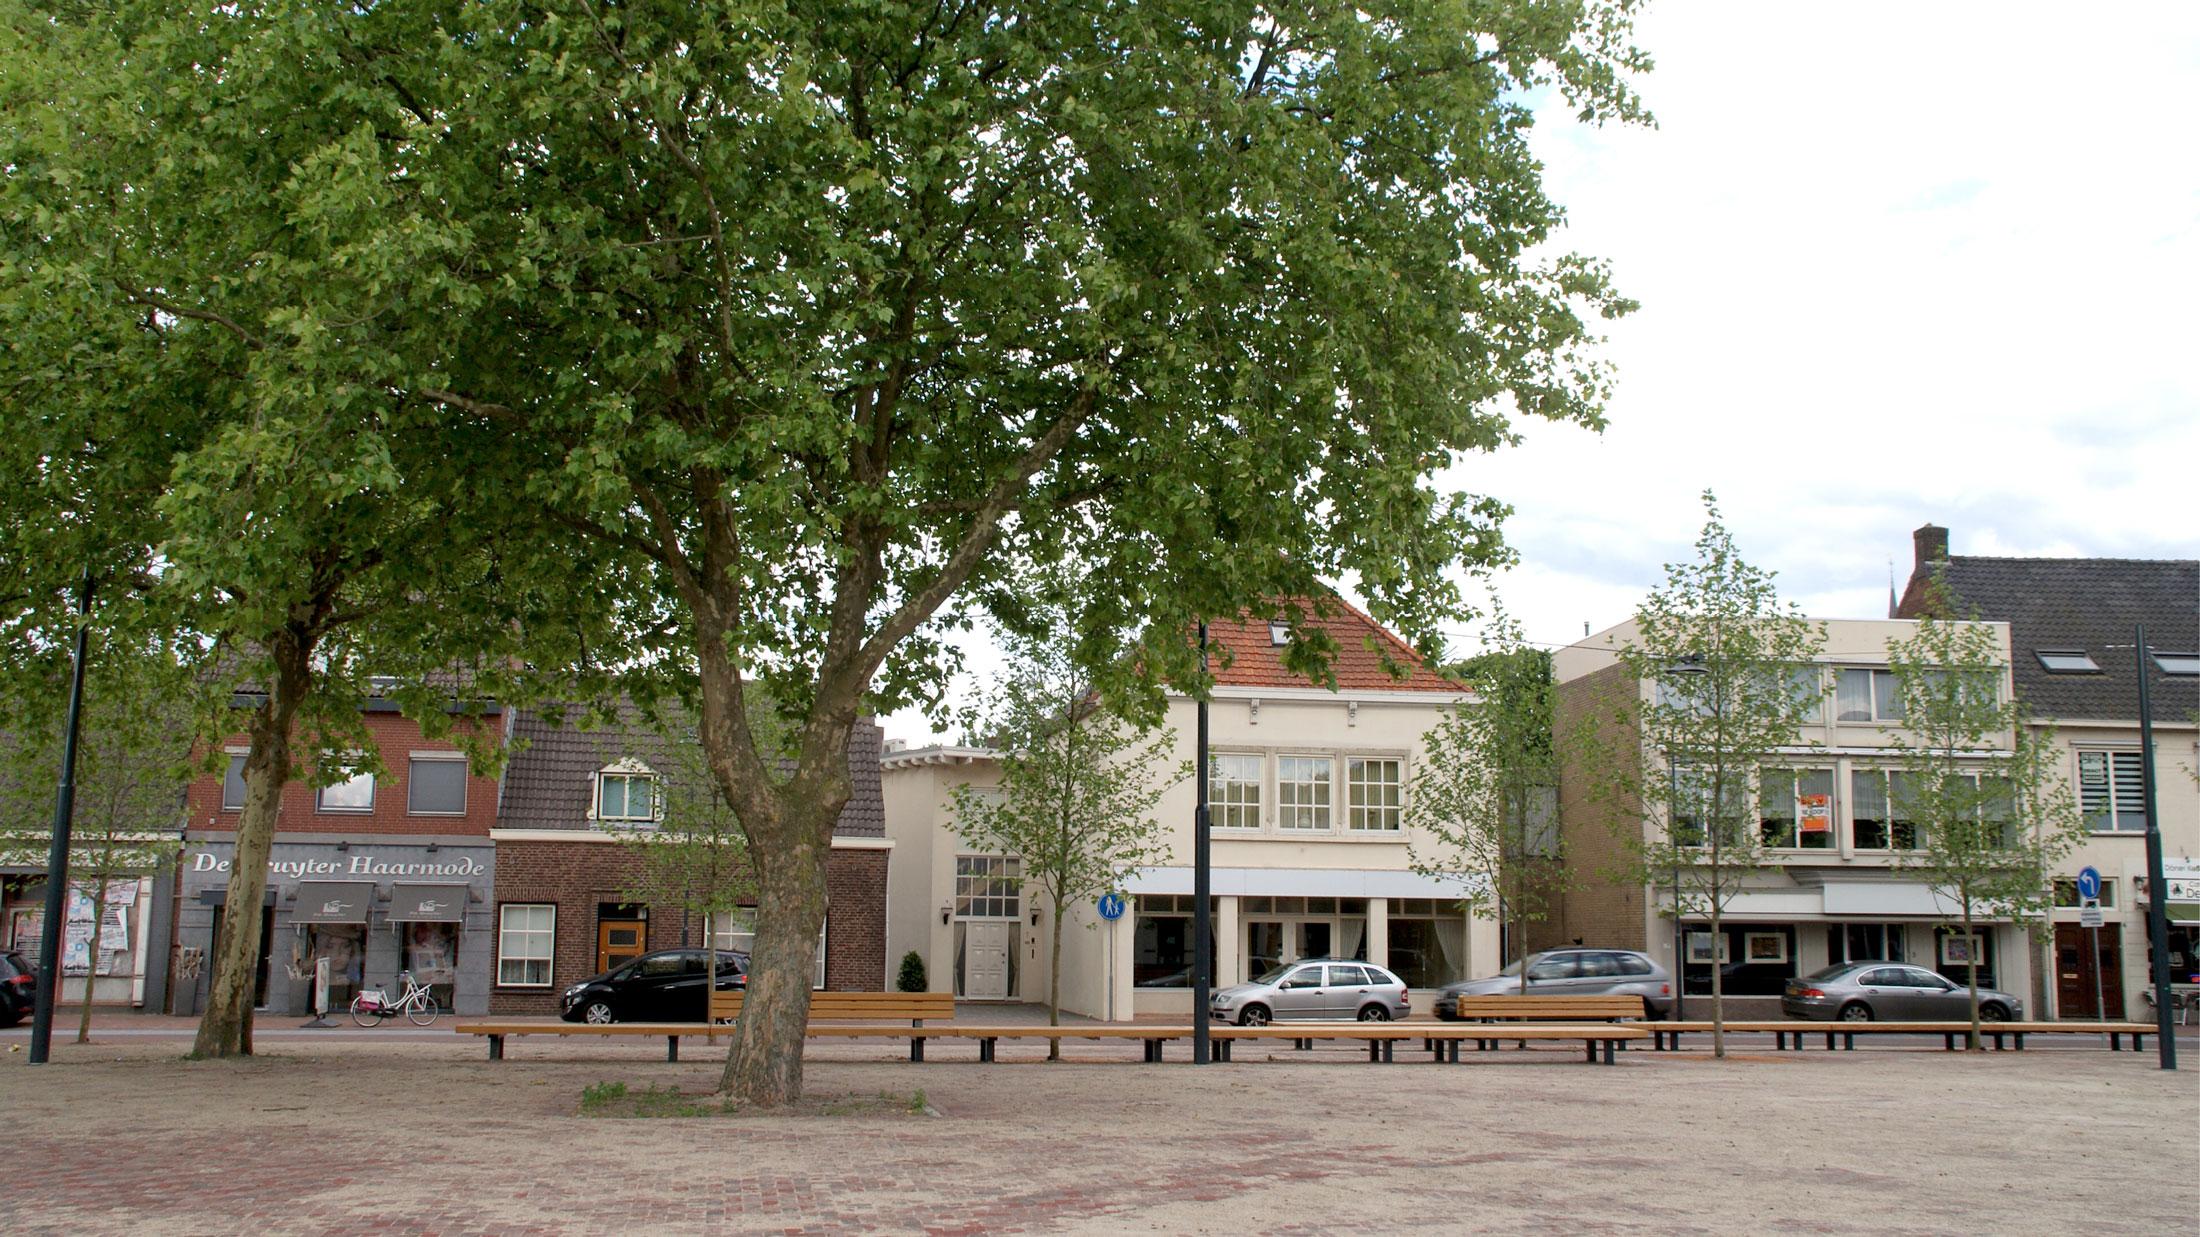 Heilig Hartplein